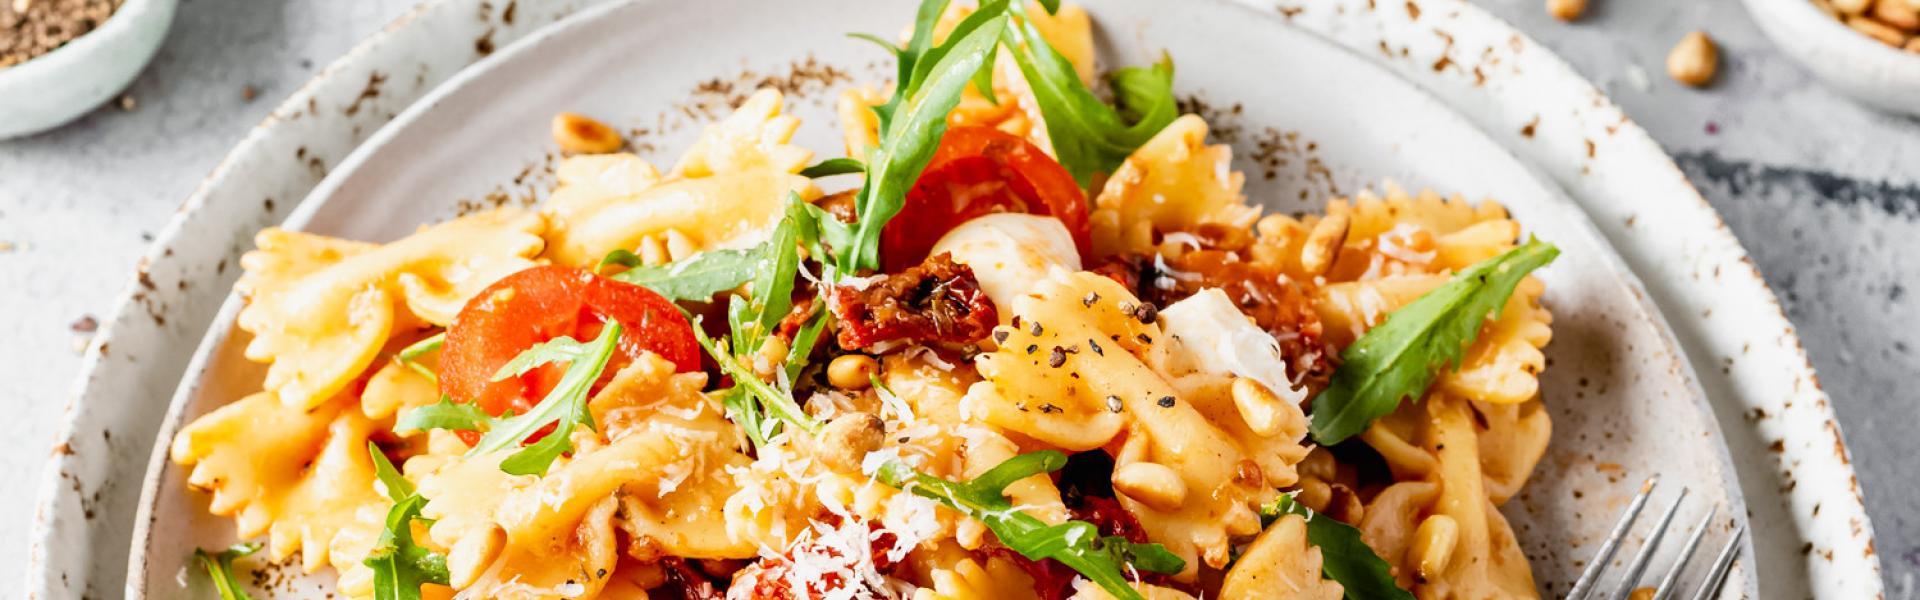 Nudelsalat mit getrockneten Tomaten, Rucola und Mozzarella auf einem Teller angerichtet.